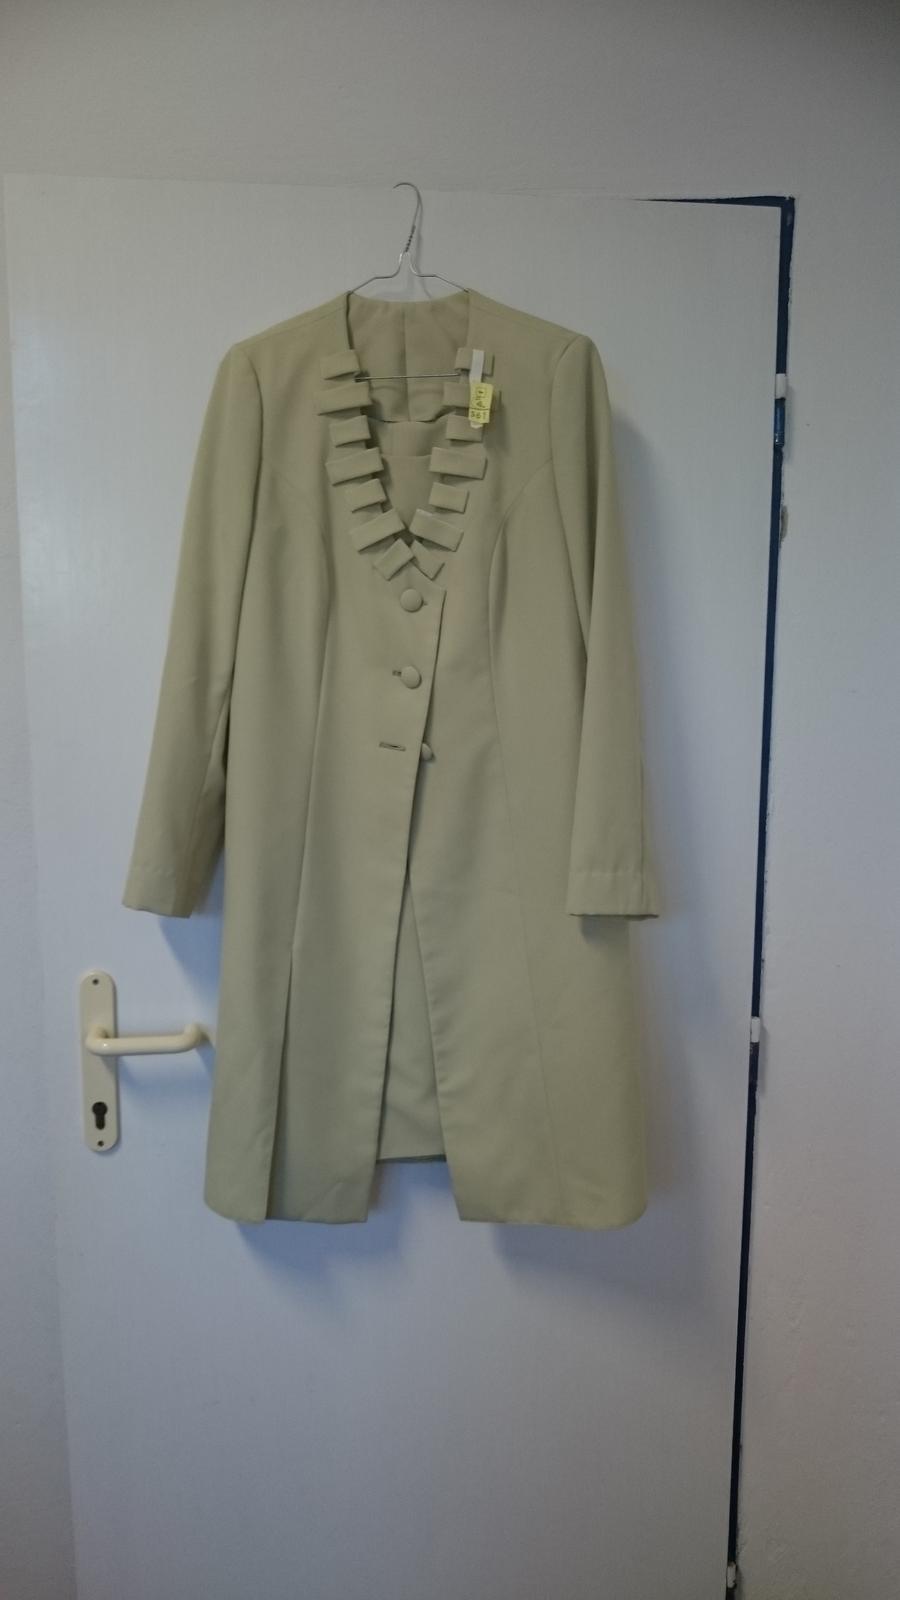 Svetlozelené šaty so sakom - Obrázok č. 1